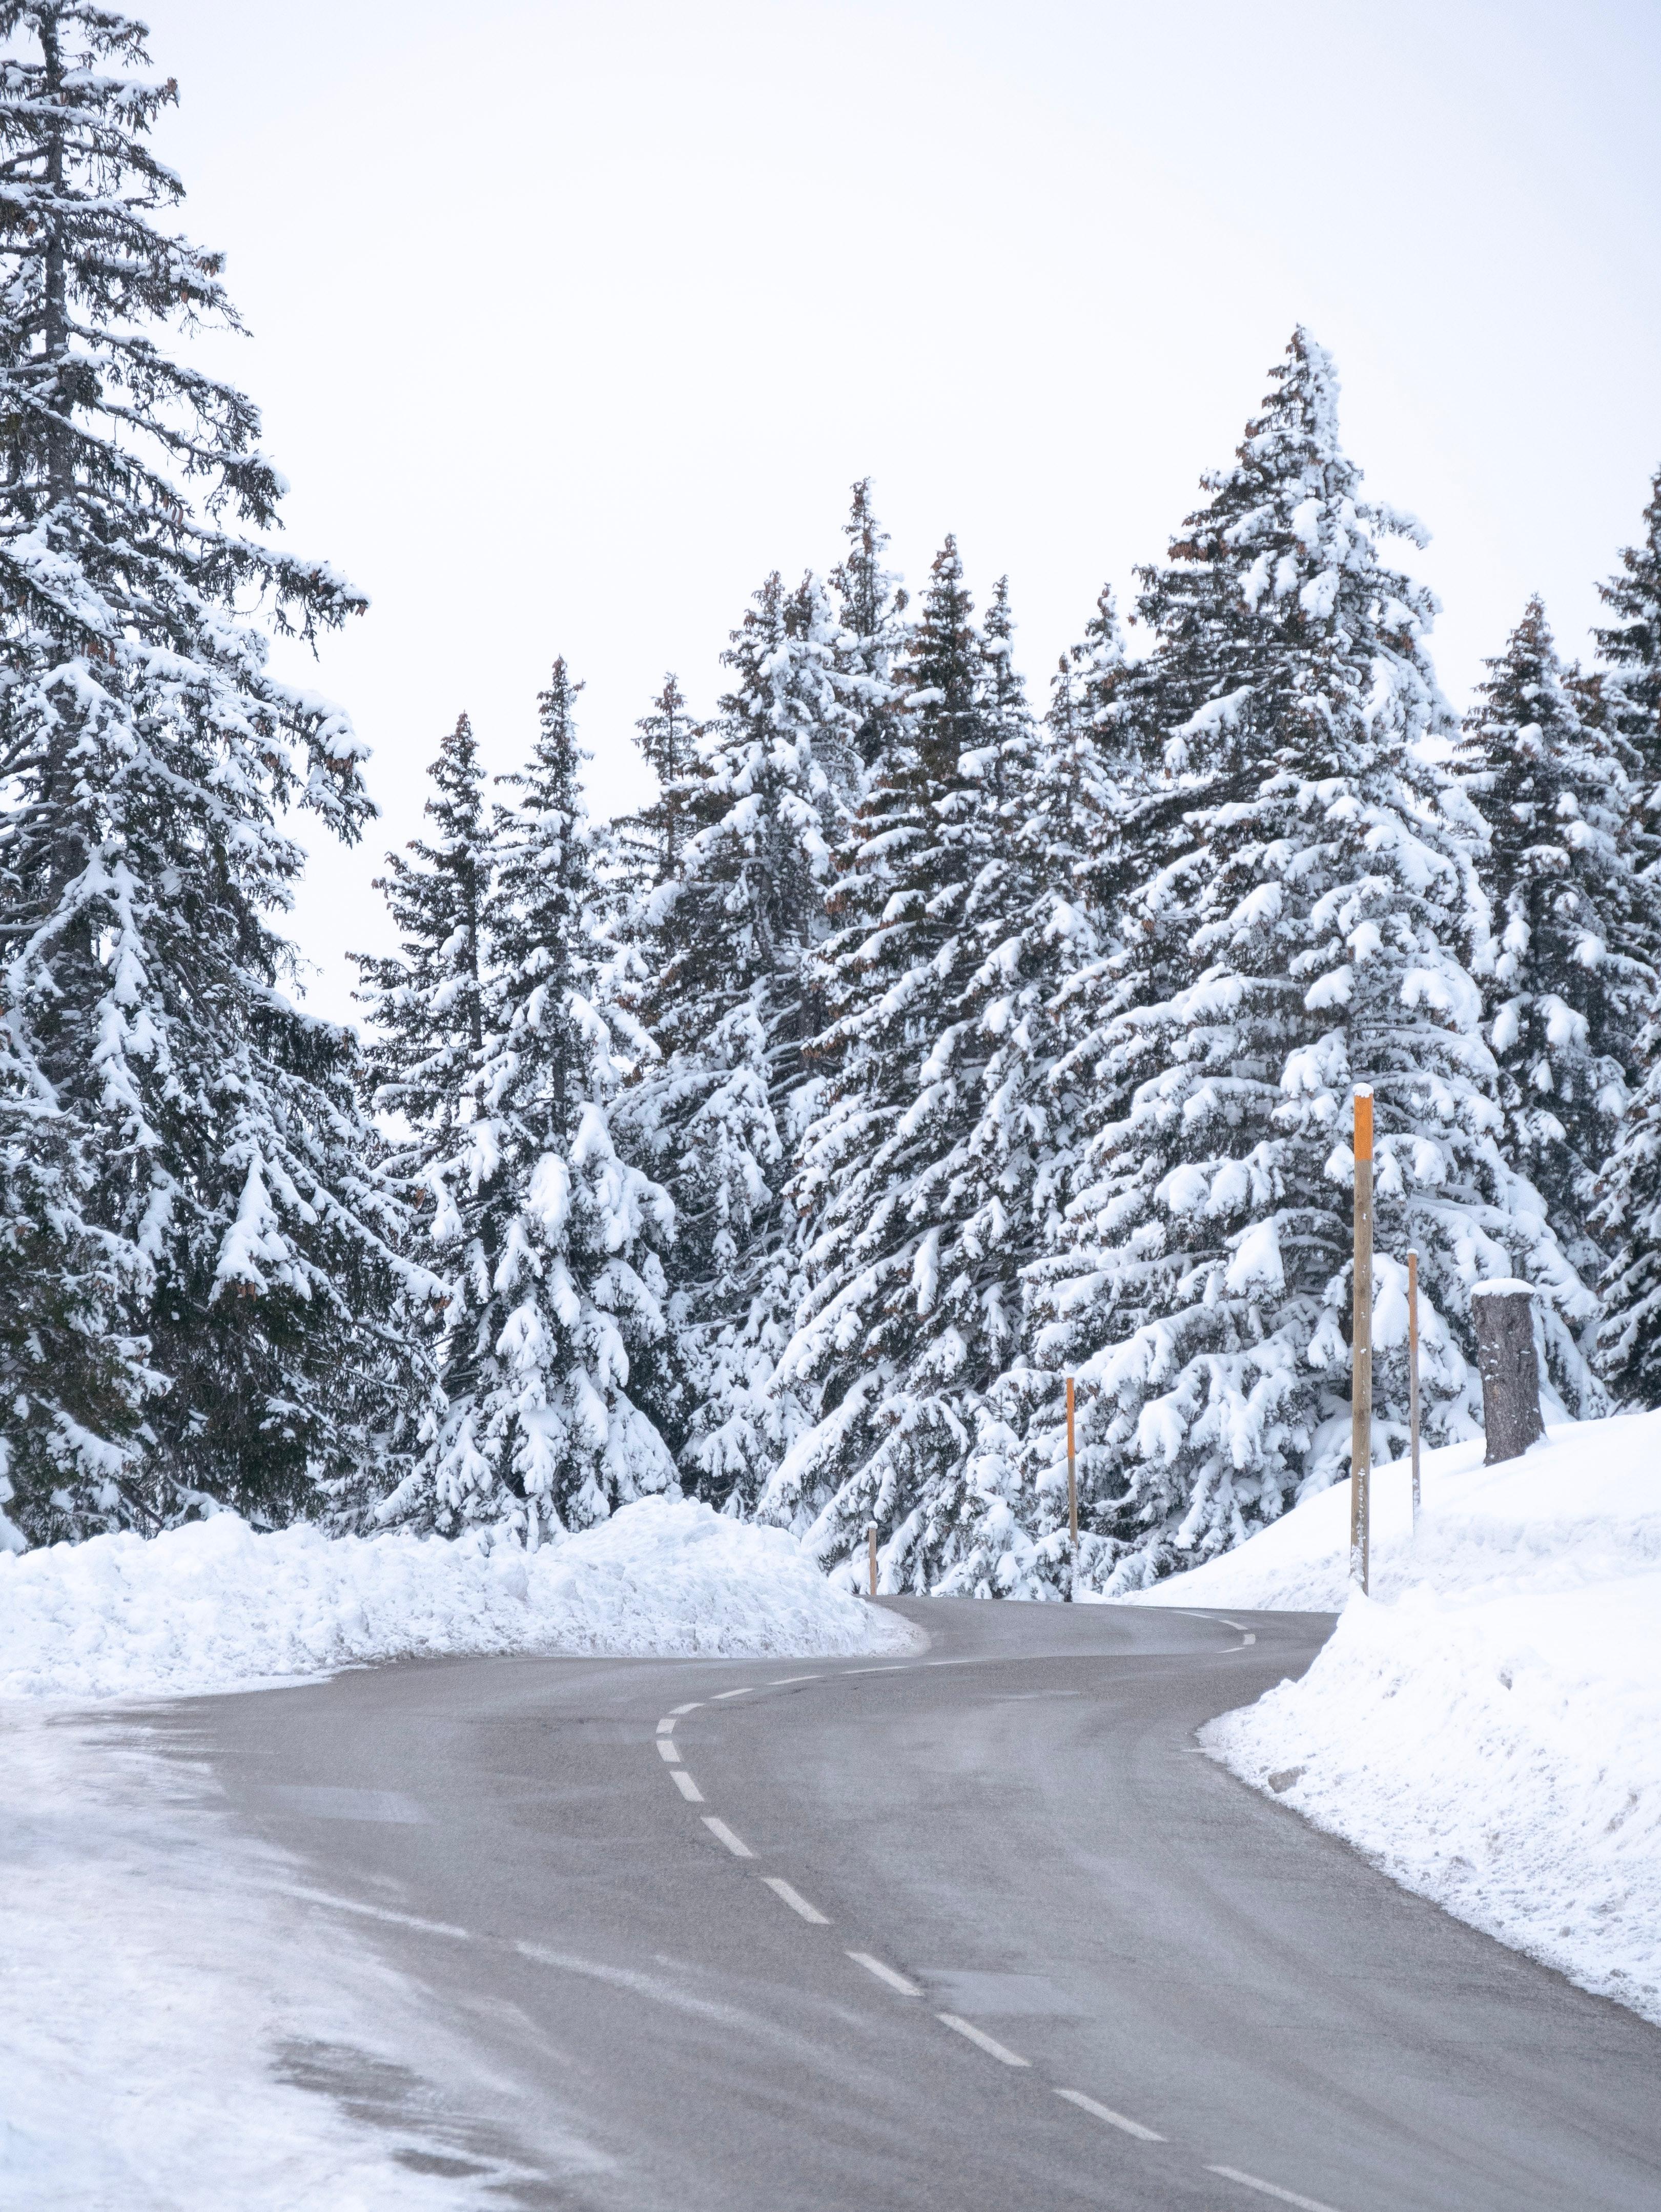 107118 скачать обои Природа, Дорога, Снег, Деревья, Зима, Елки - заставки и картинки бесплатно